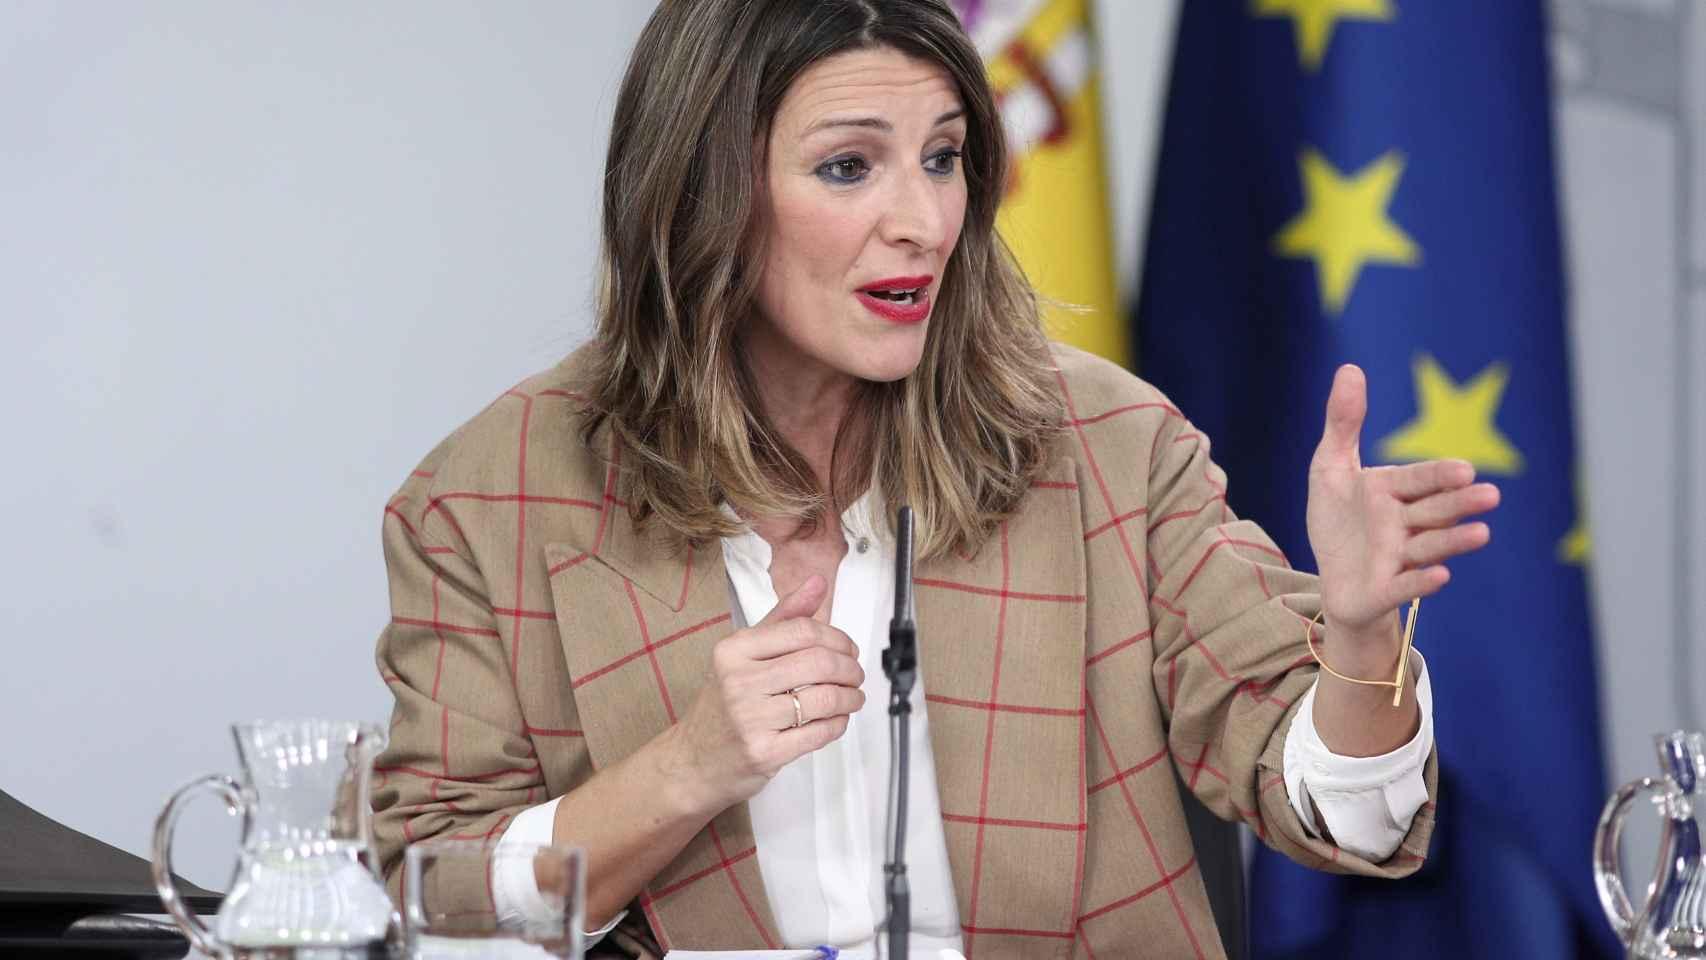 La ministra de Trabajo y Economía Social, Yolanda Díaz, comparece en rueda de prensa tras el Consejo de Ministros en Moncloa.